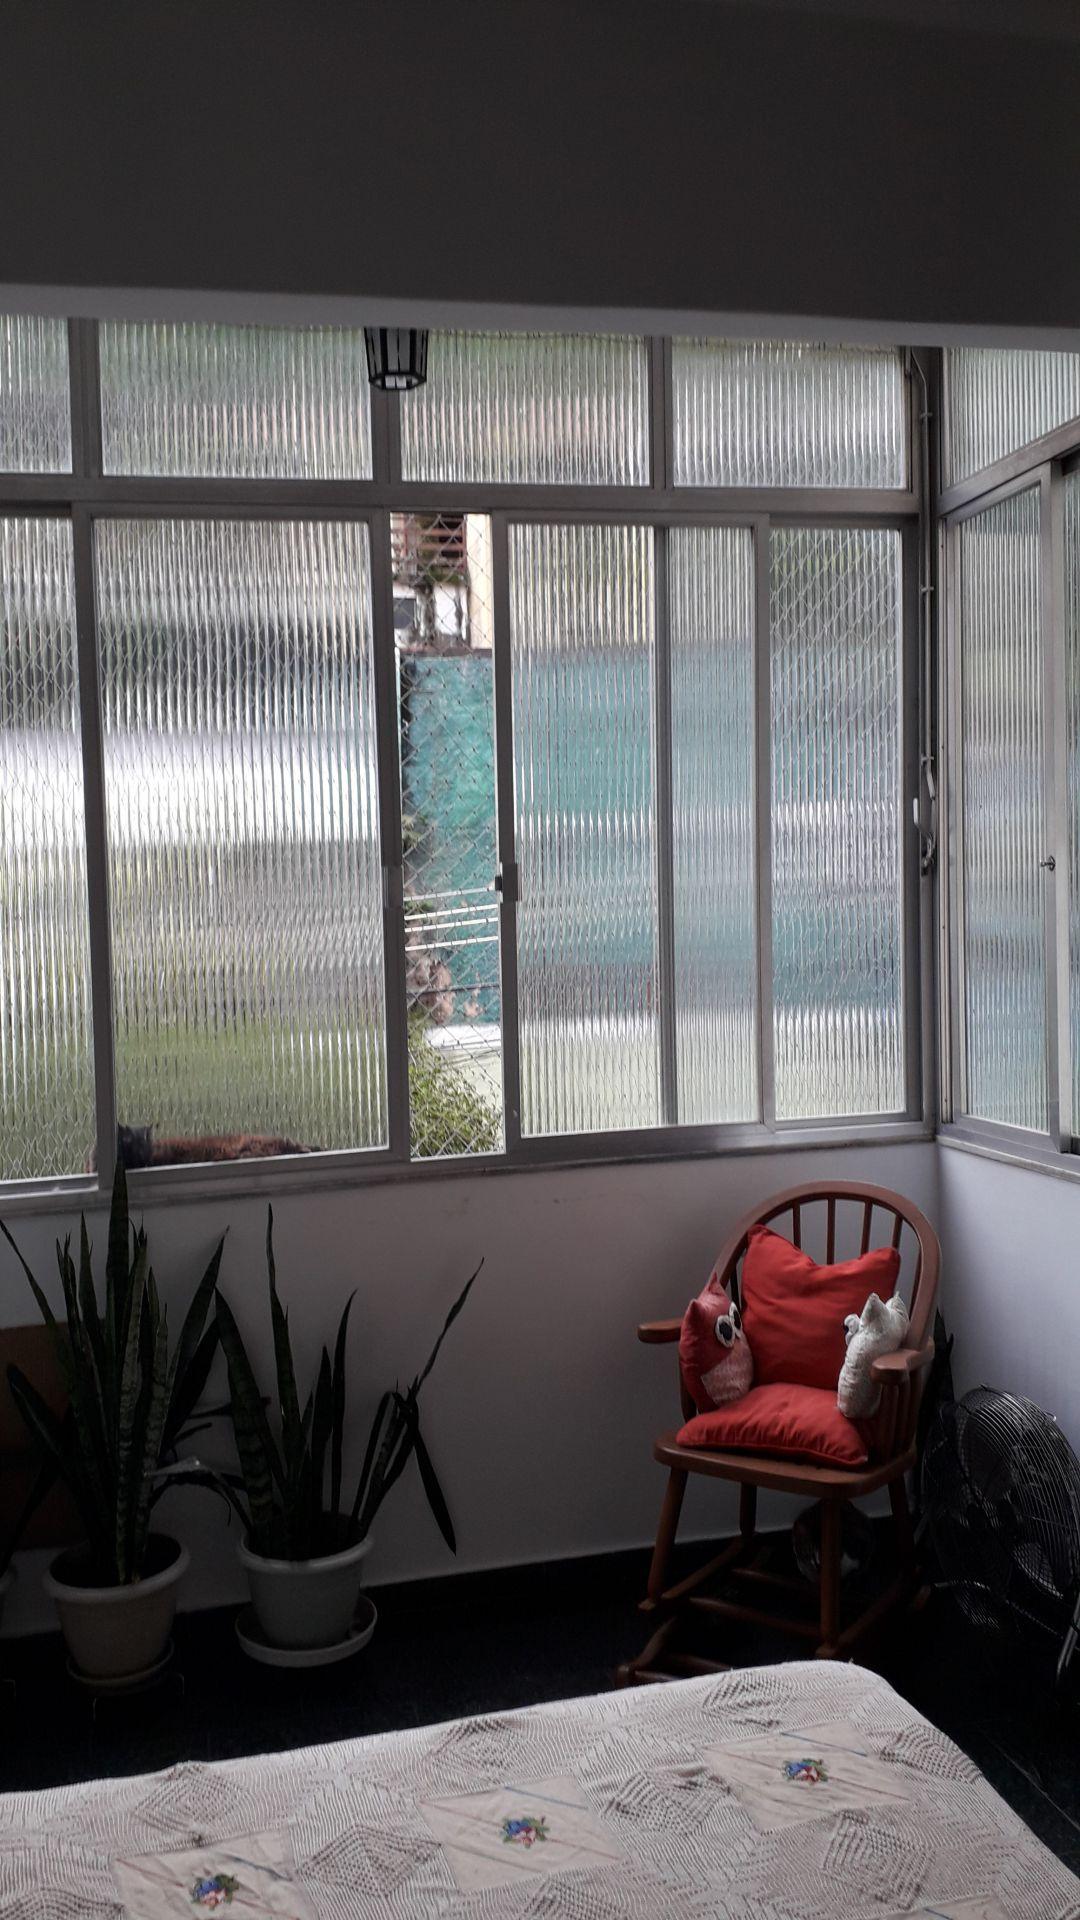 SALA - Apartamento Rua visconde de santa isabel,Grajaú, Grajaú,Rio de Janeiro, RJ À Venda, 2 Quartos, 59m² - 000484 - 2